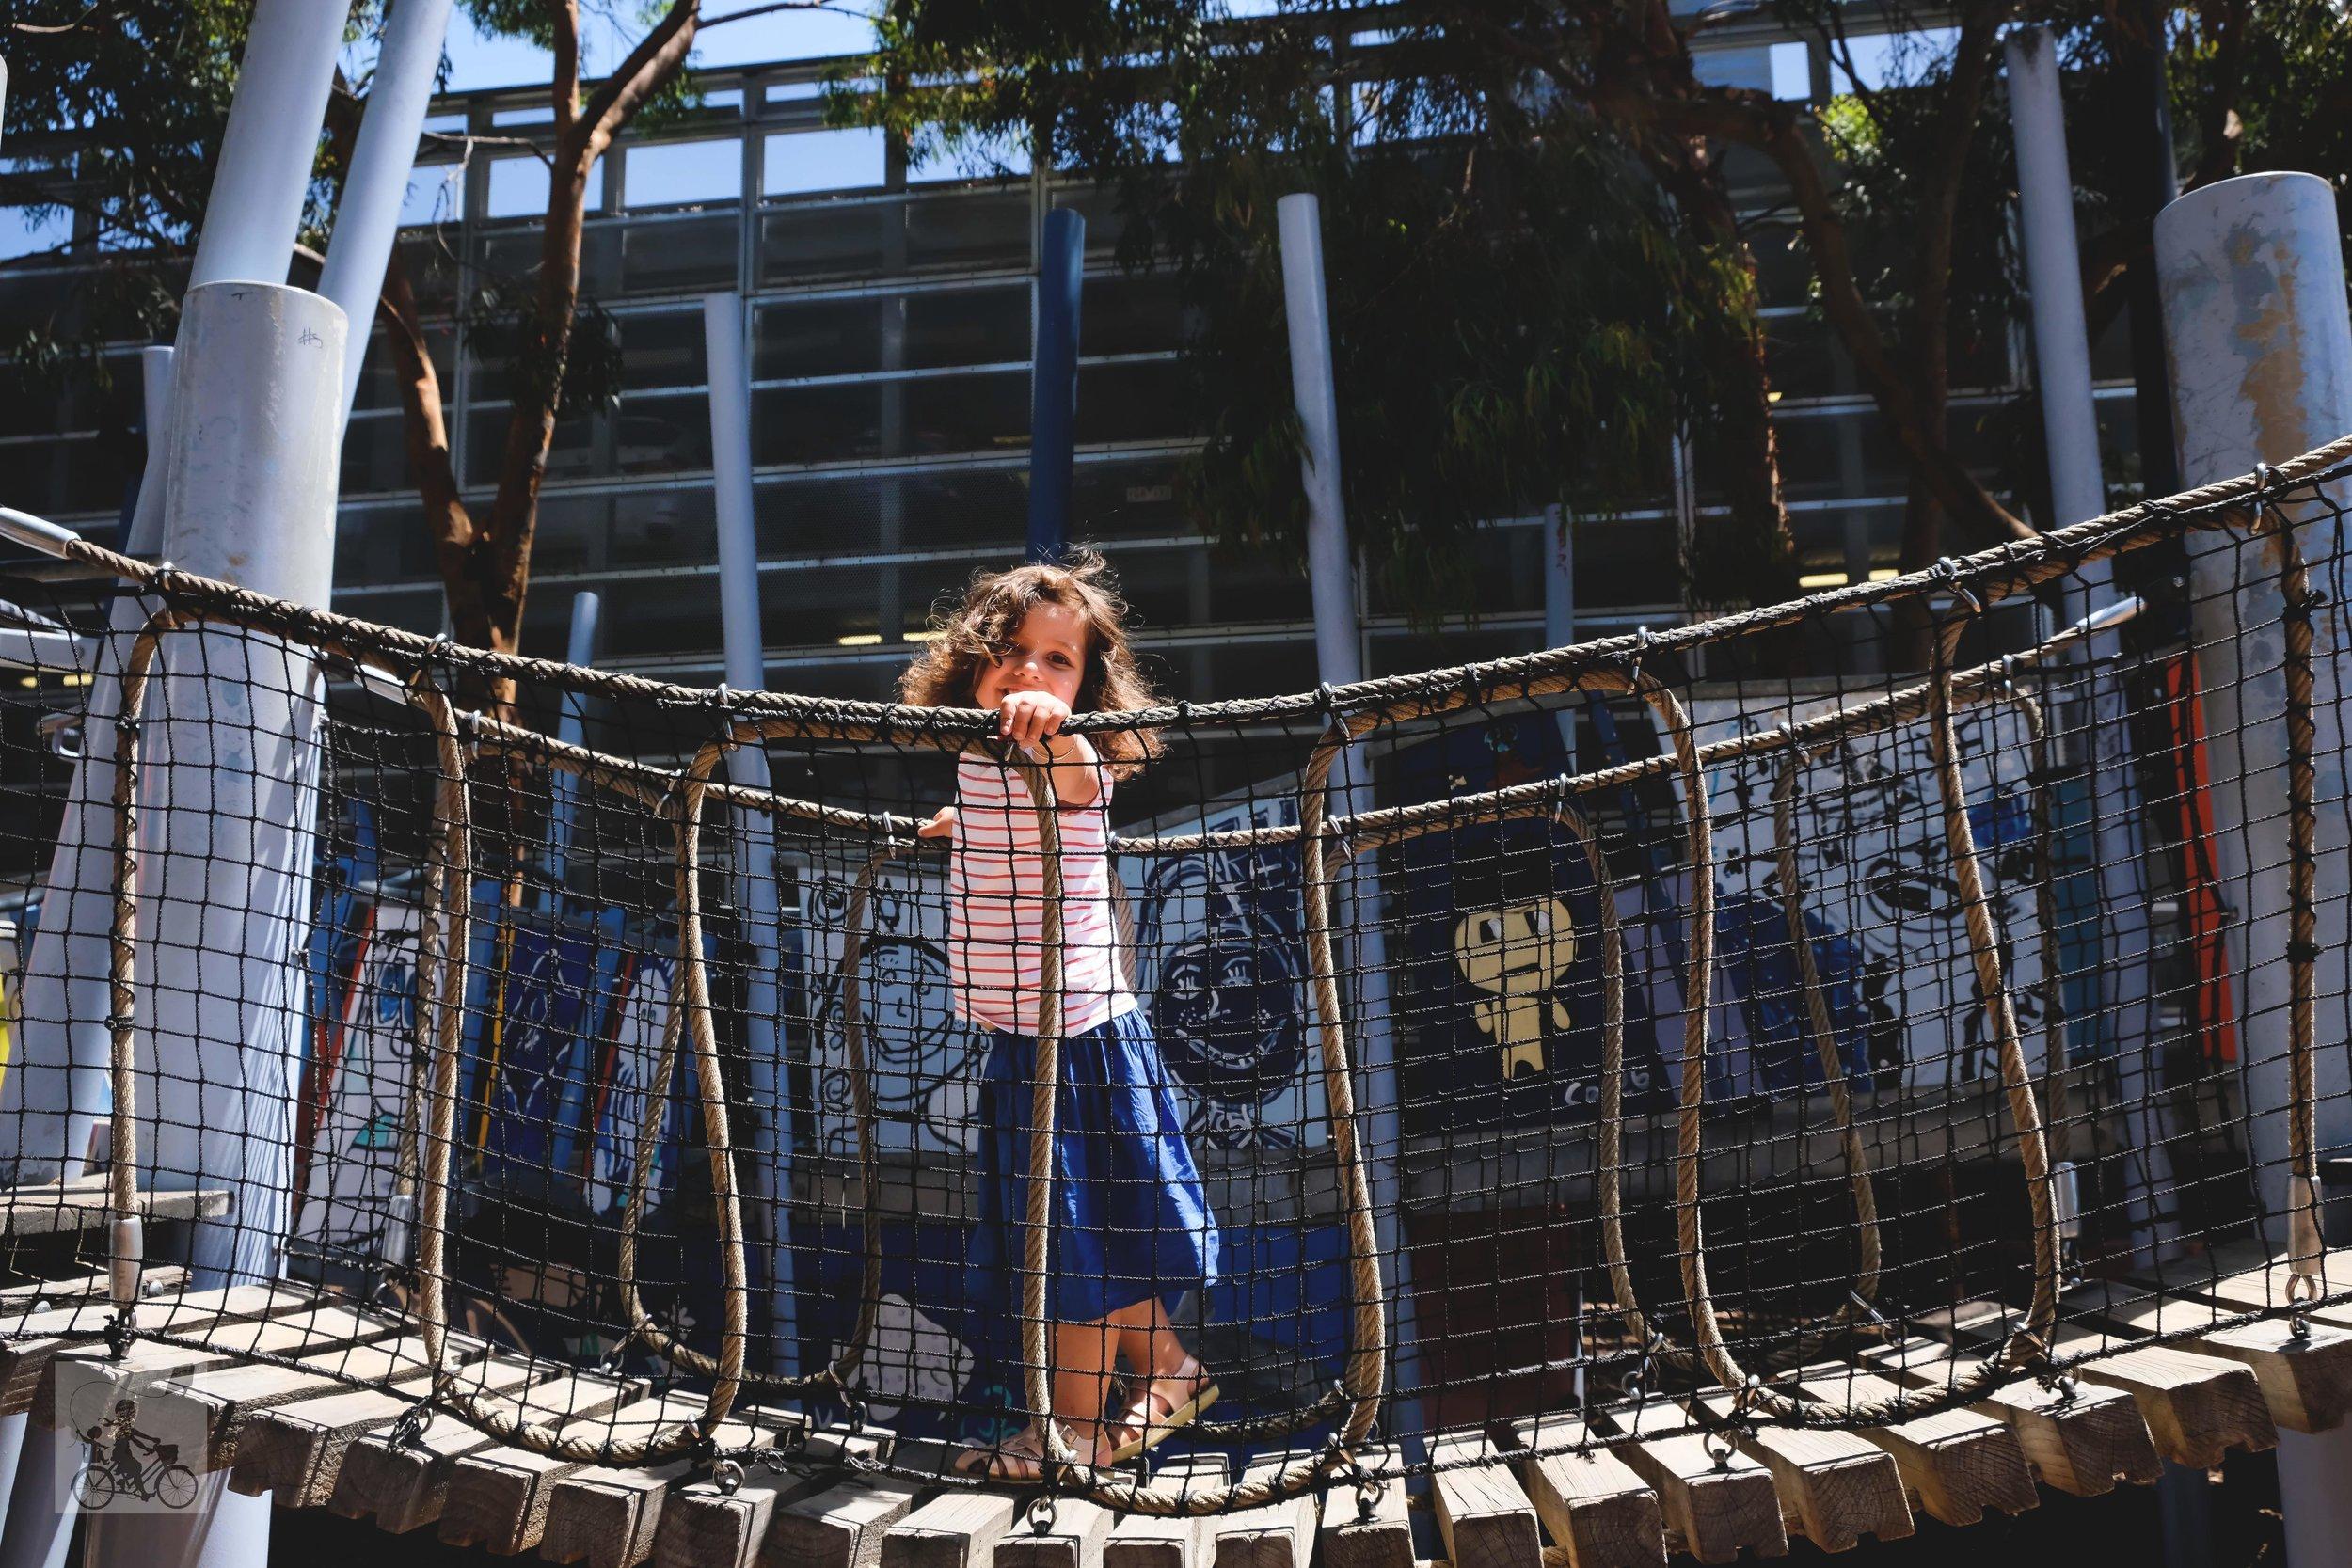 birrarung marr playground, melbourne - mamma knows north